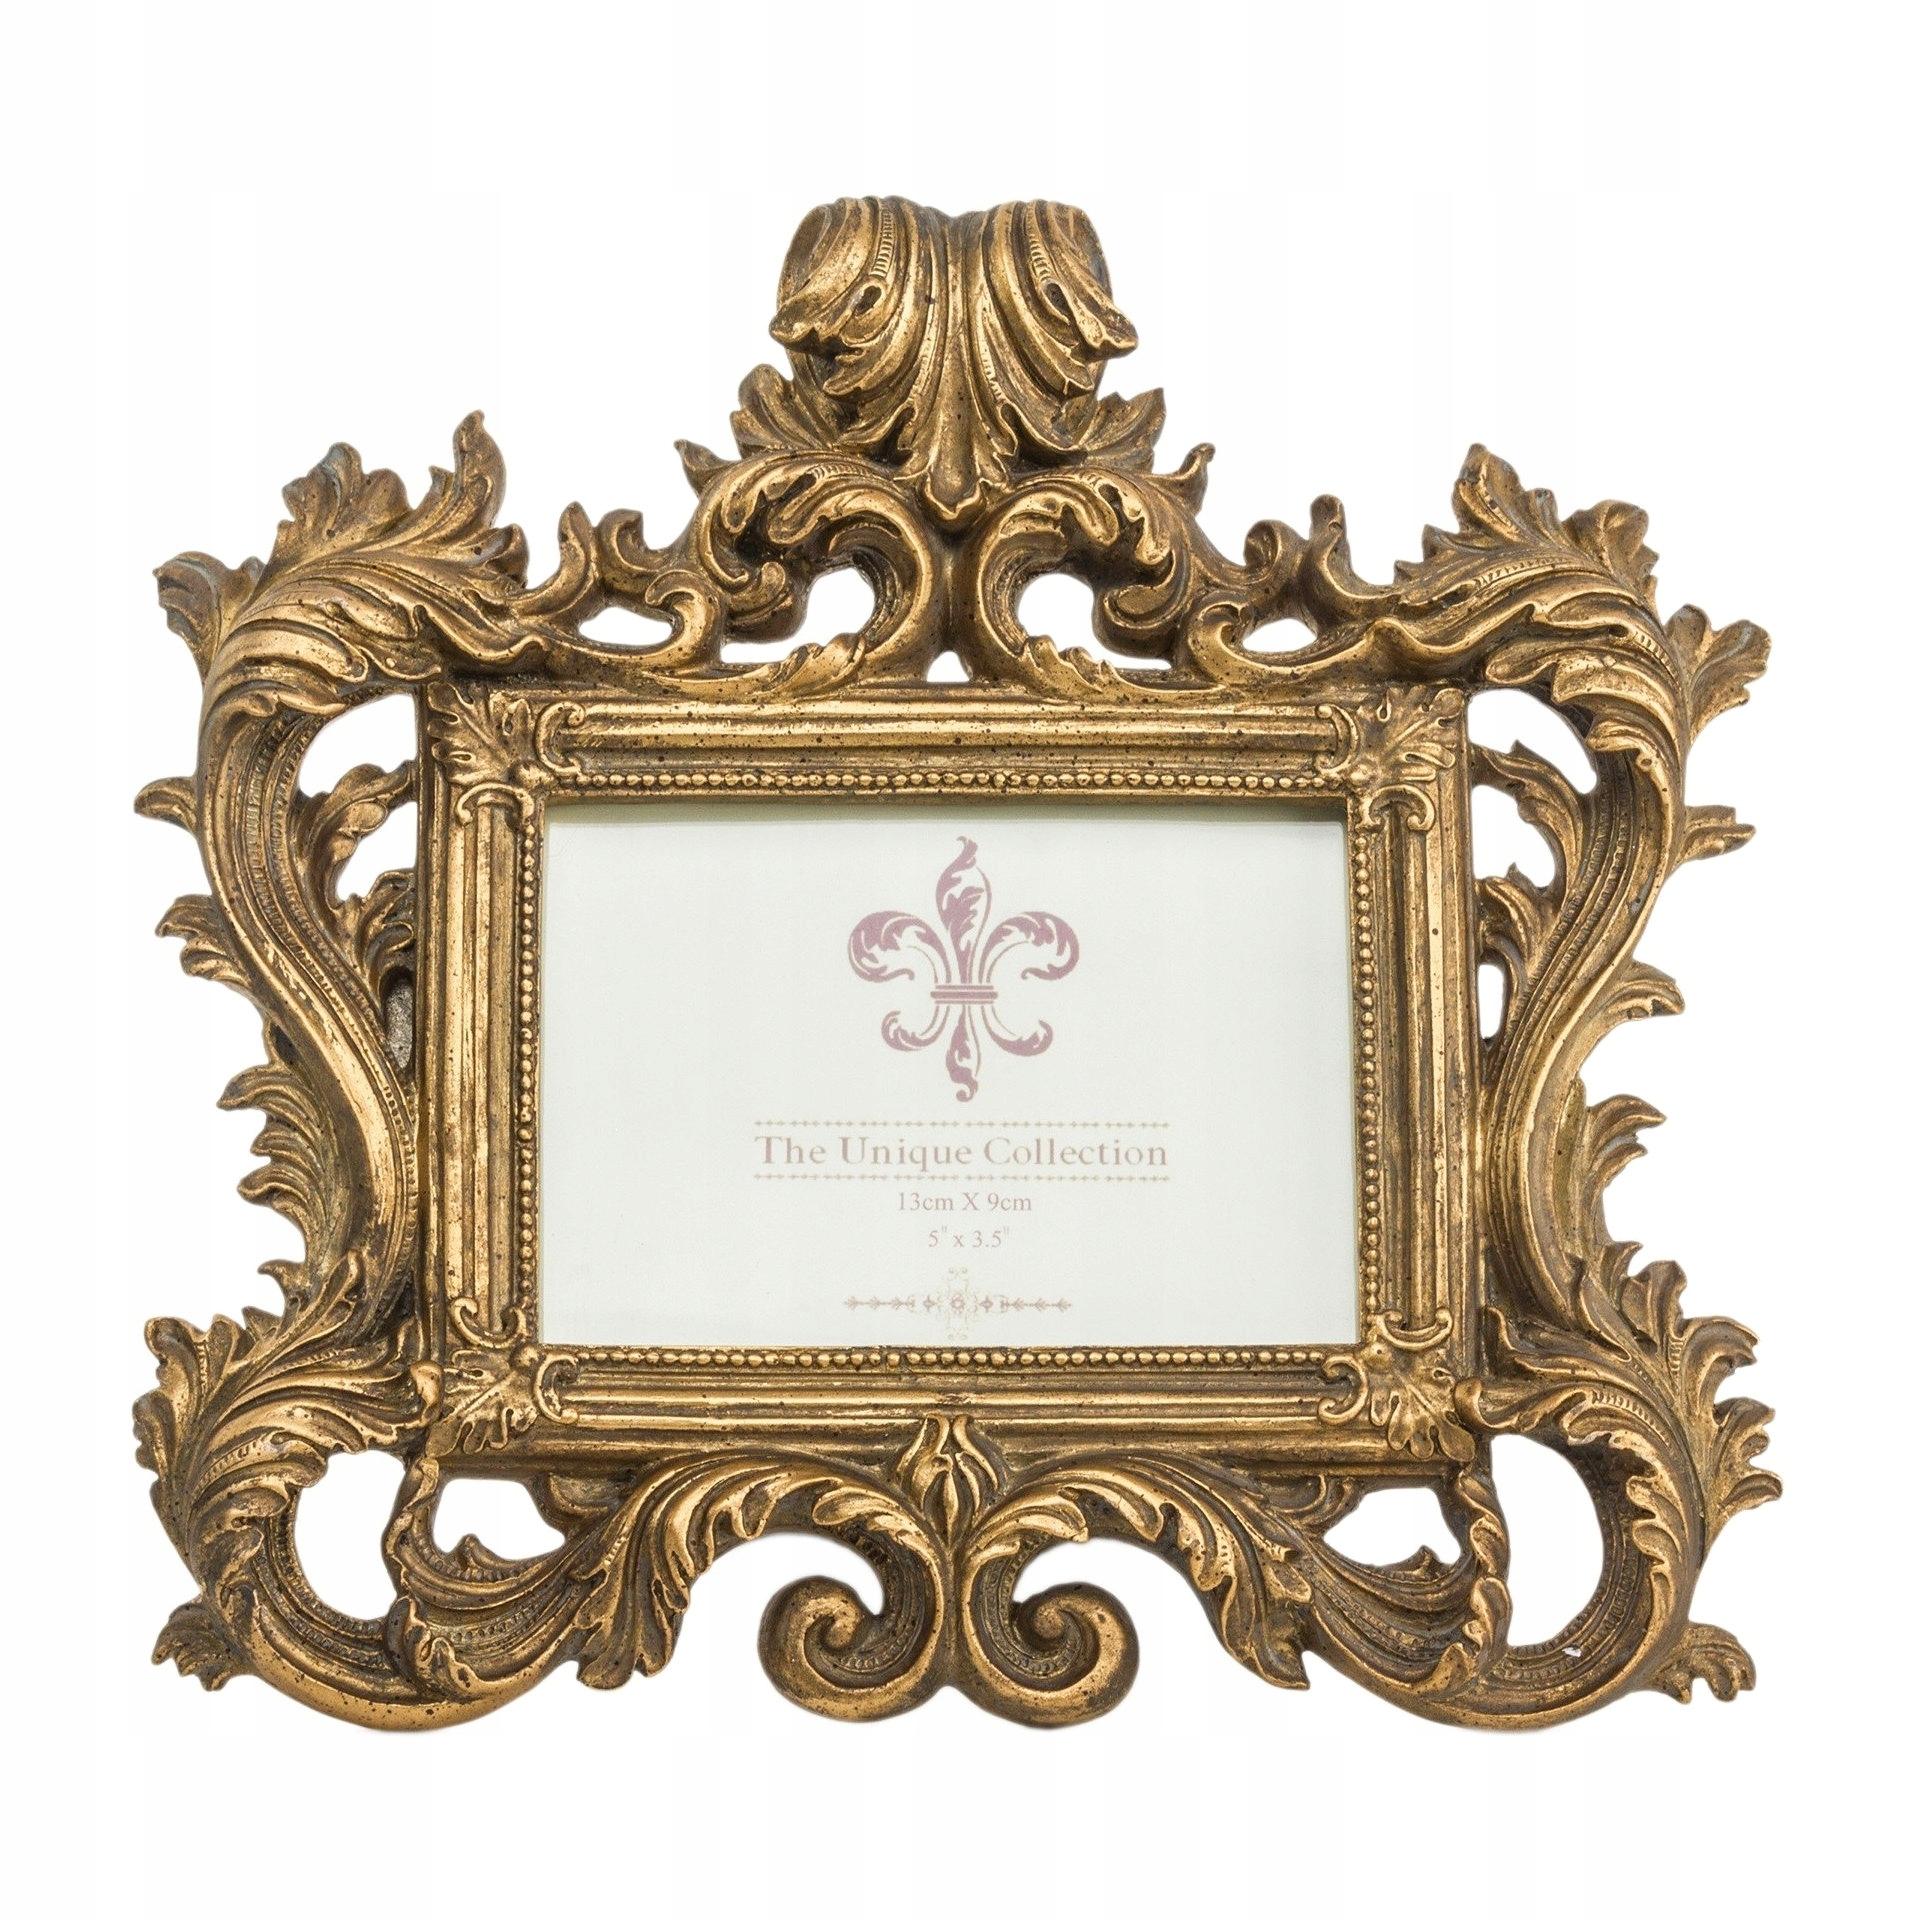 Zlatý barokový retro fotorámik